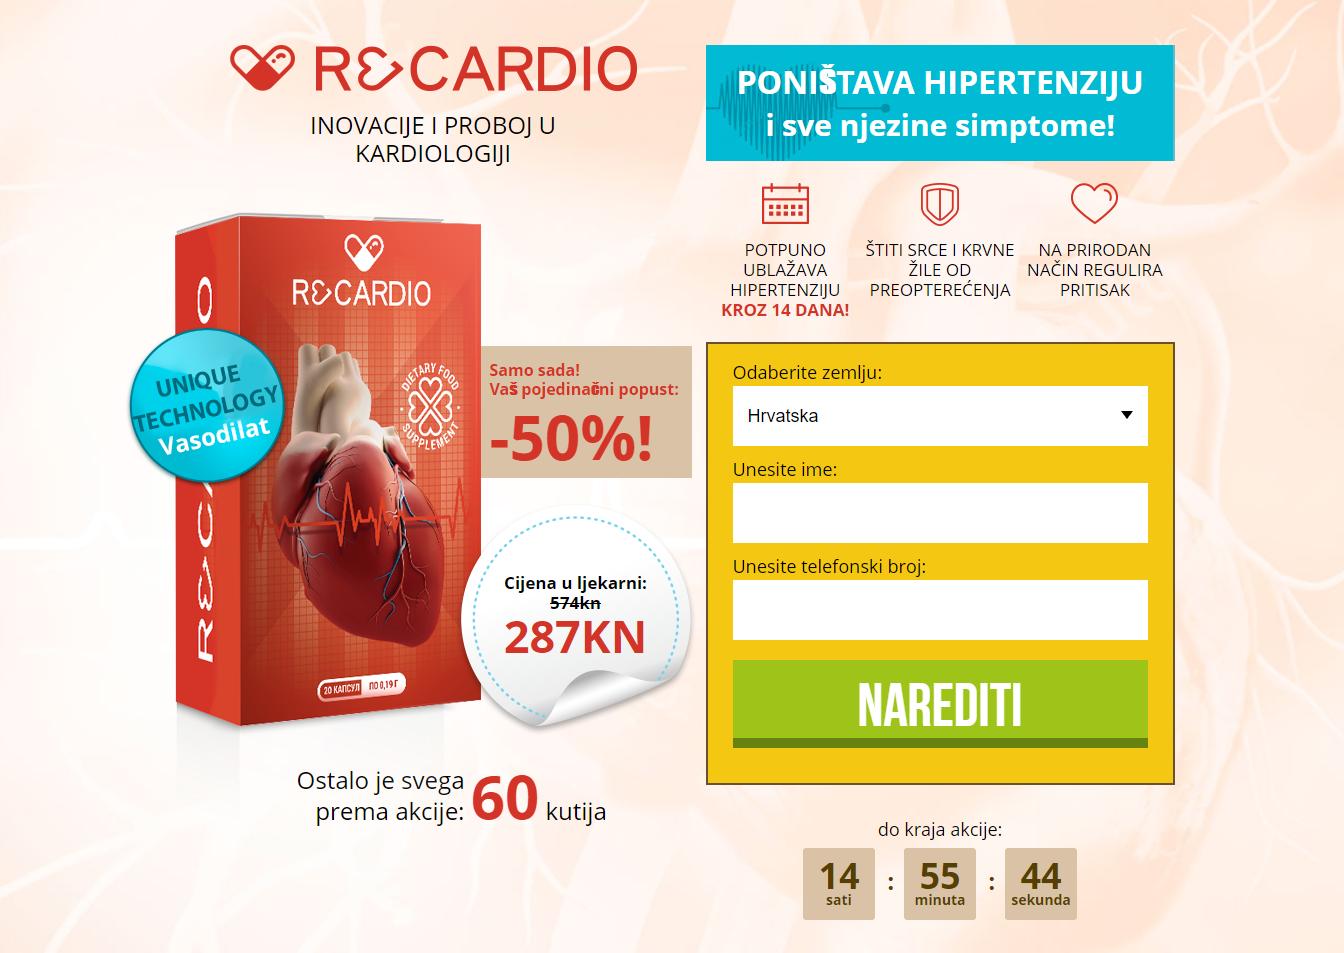 rekardio hipertenzija recenzije)